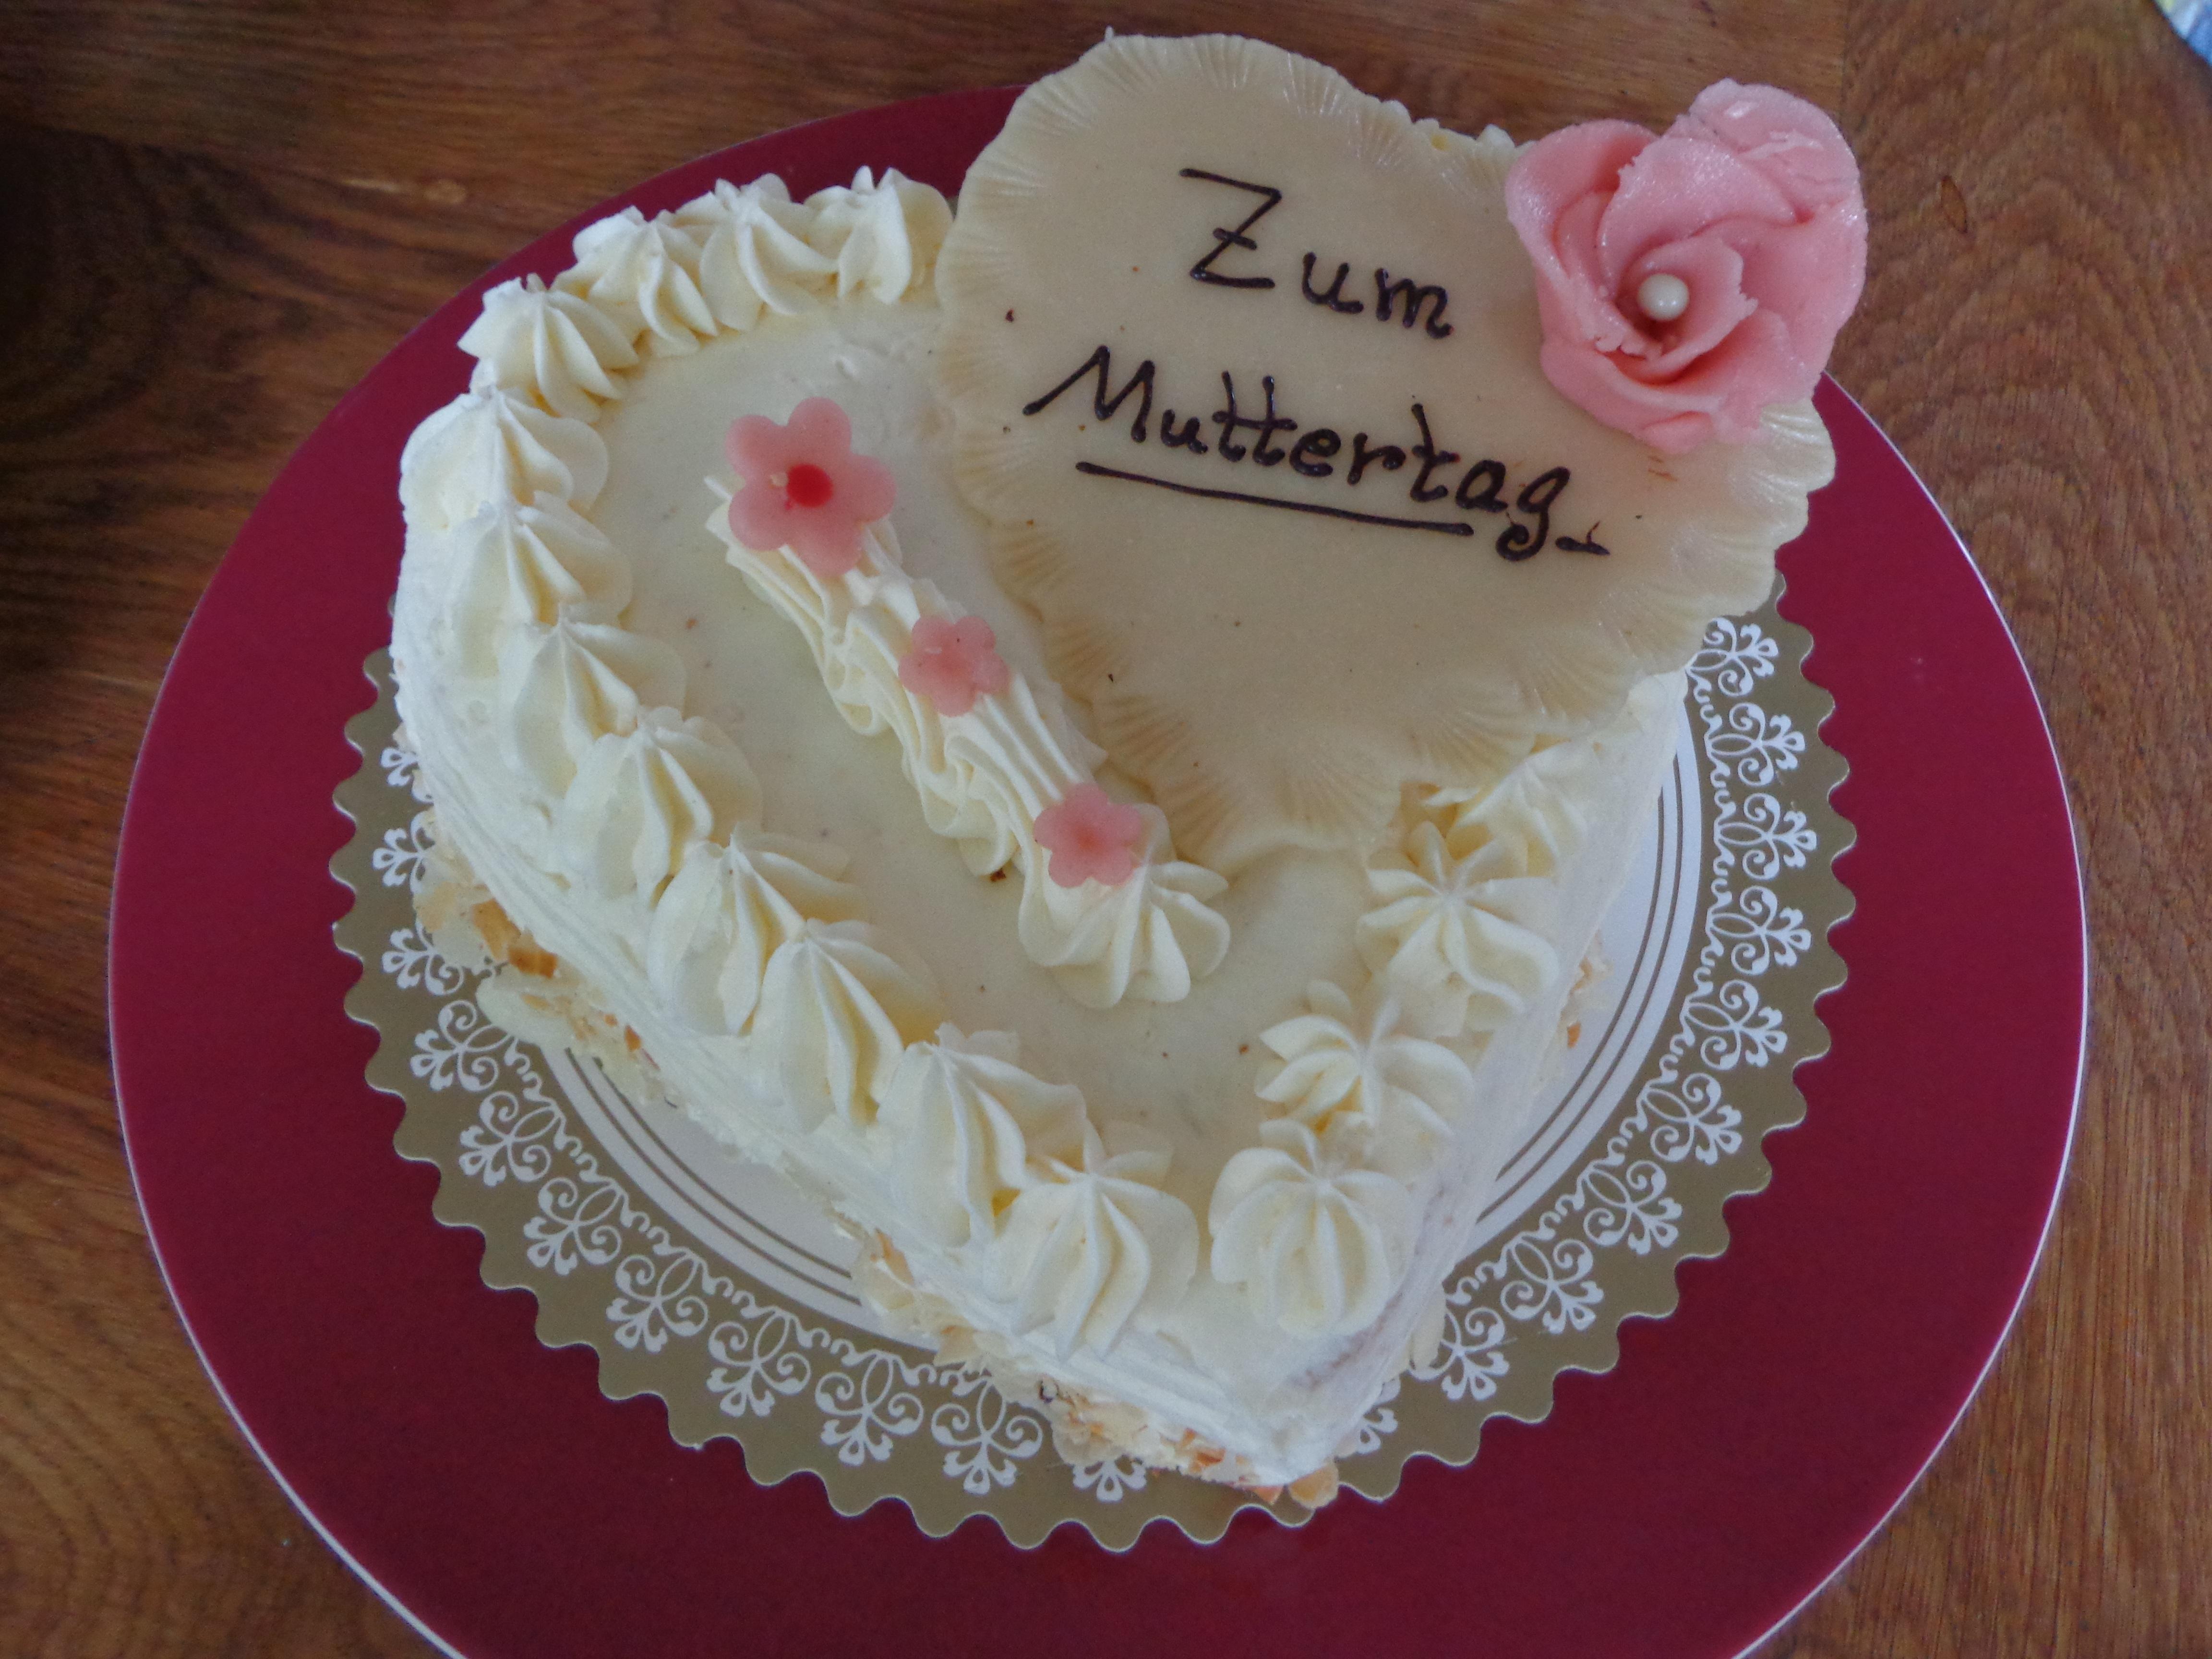 fotos gratis dulce corazn regalo rosa comida rojo postre cocina pastel de cumpleaos formacin de hielo bienvenido saludos